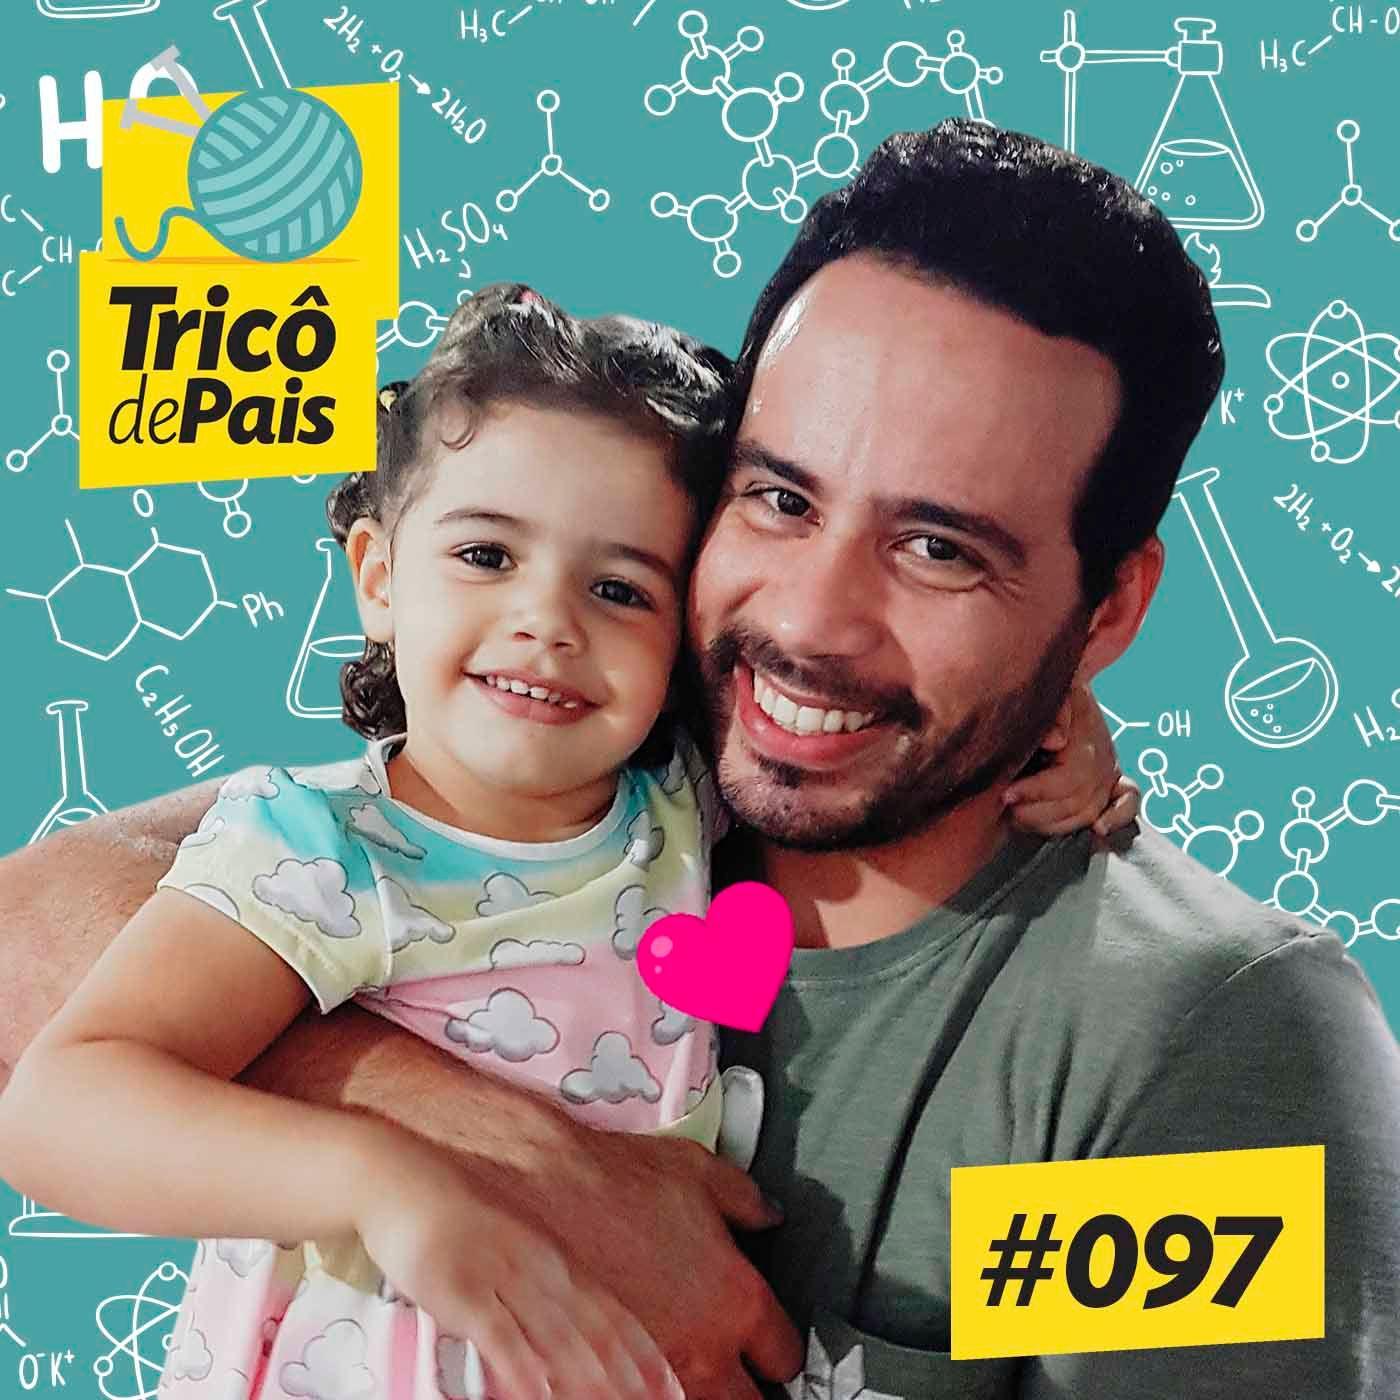 #097 - Ciência Começa em Casa feat. Daniel Filho